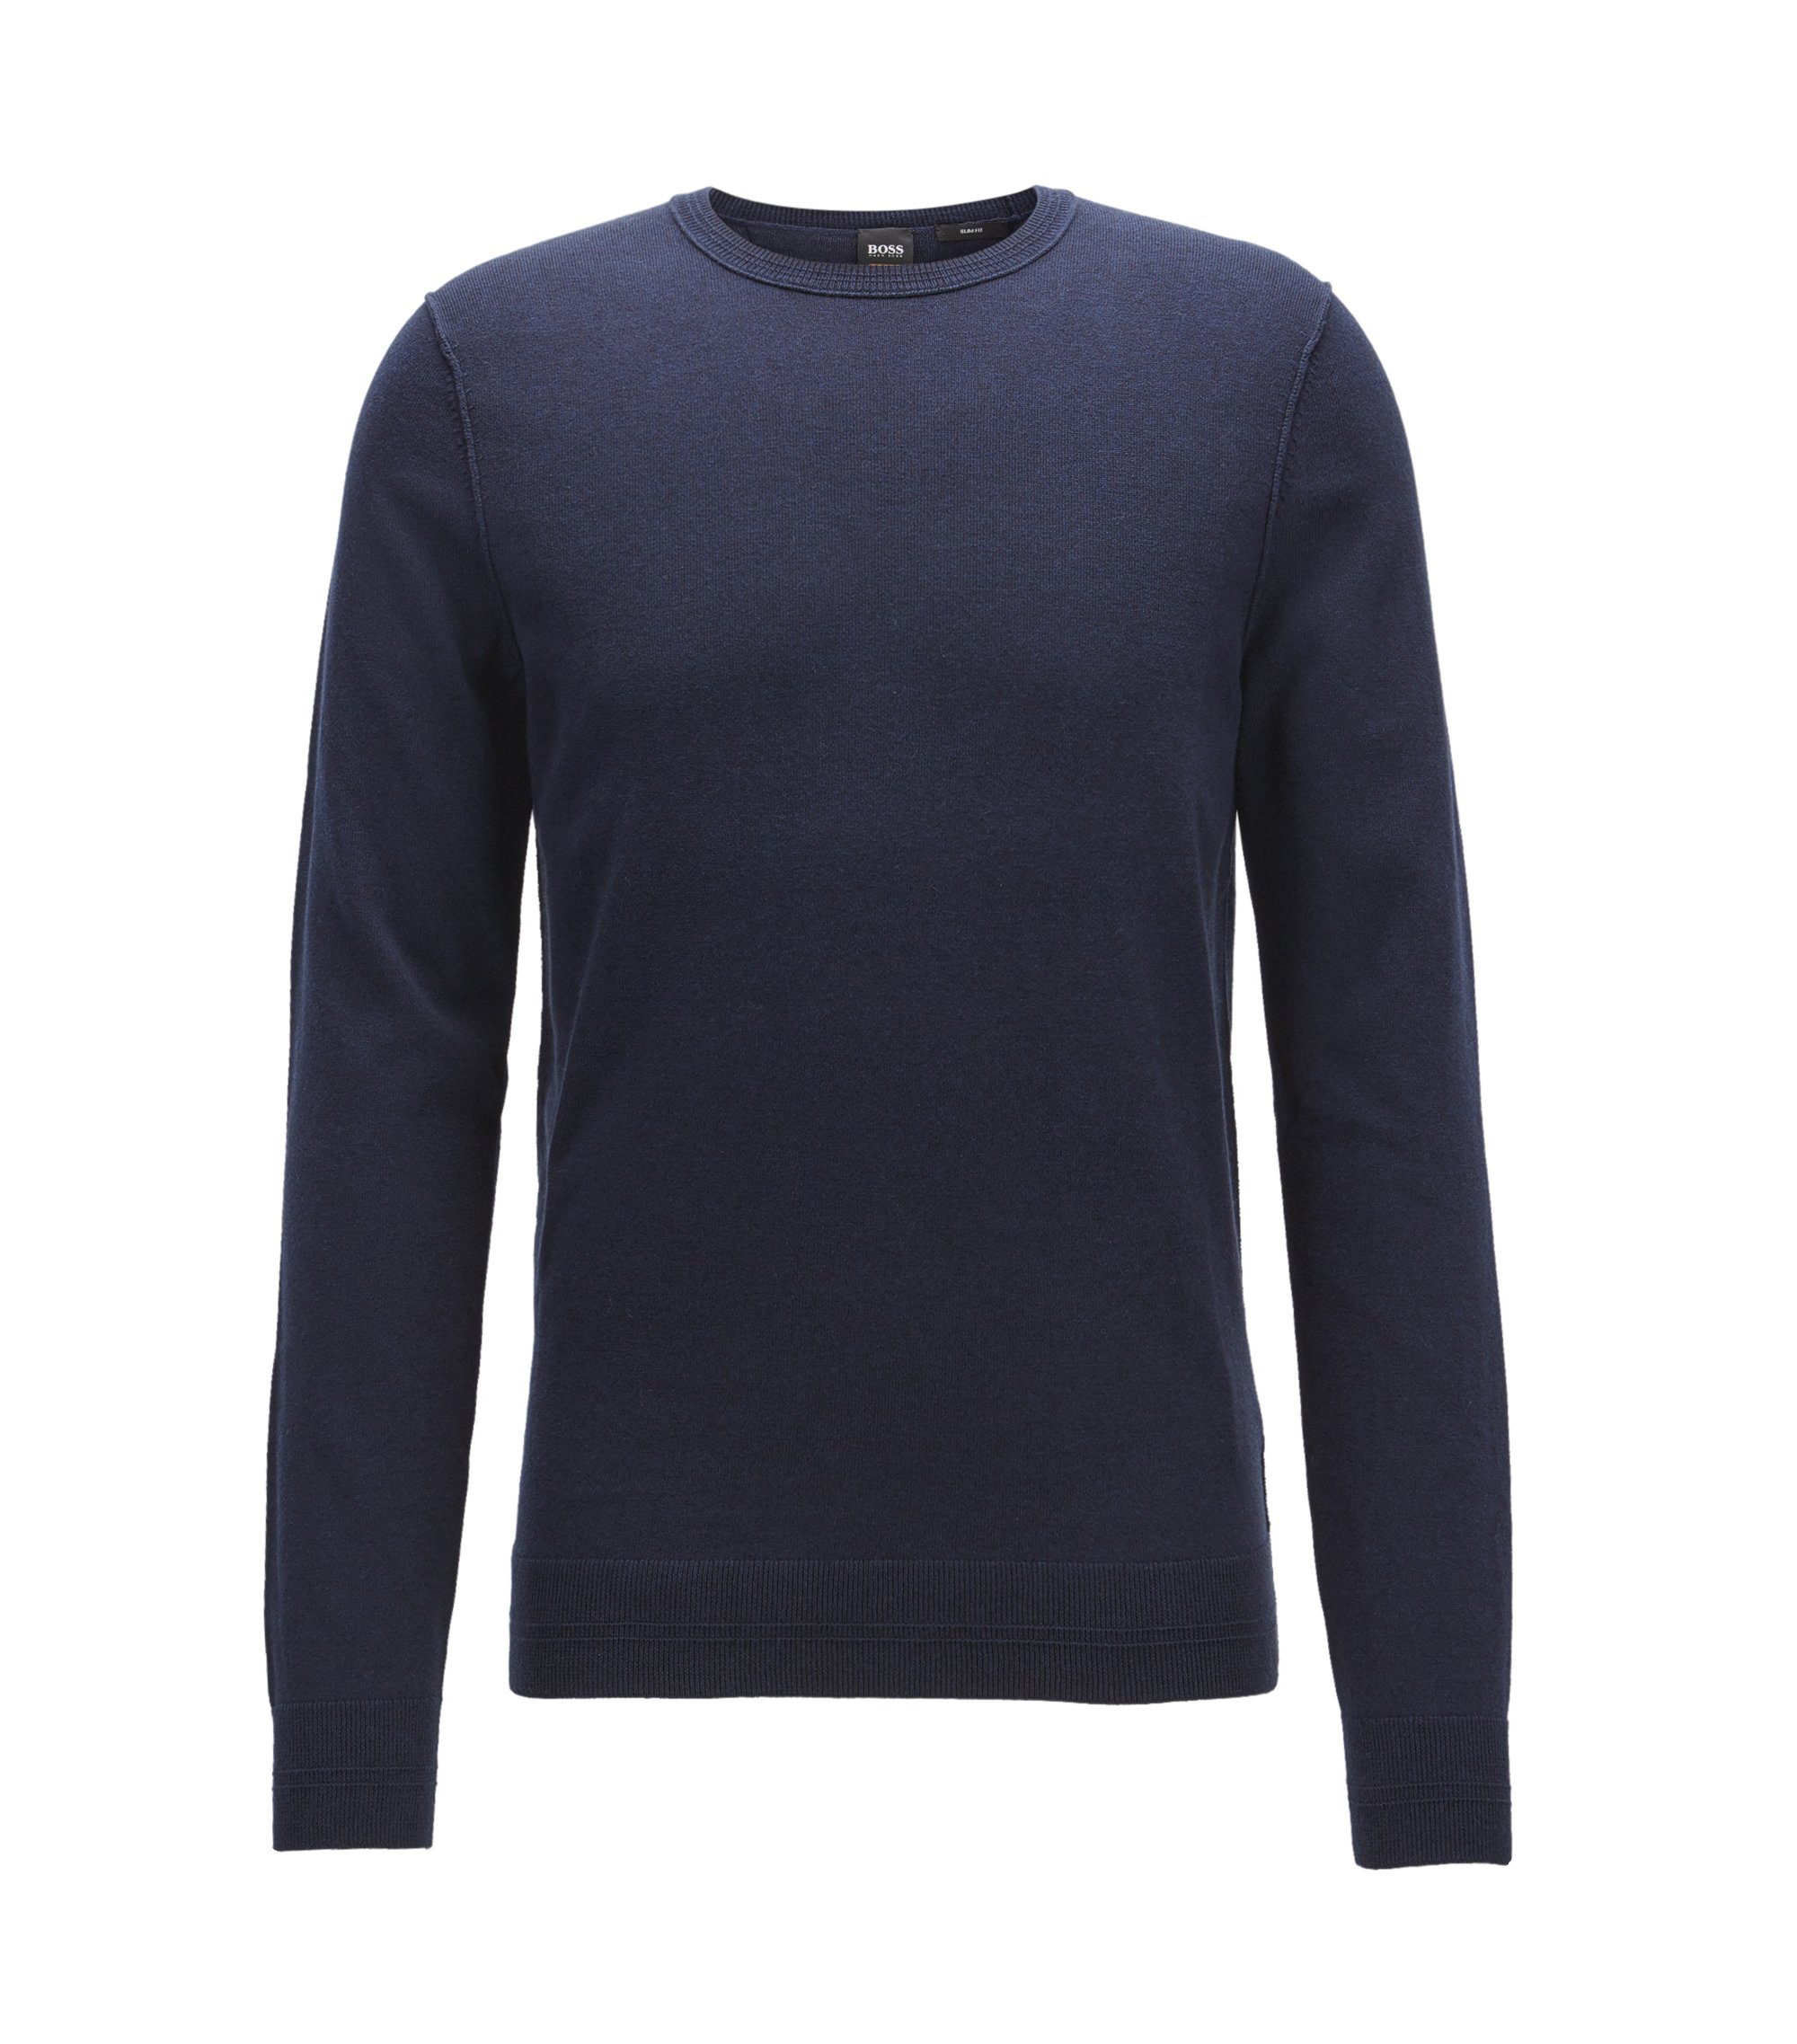 Jersey en mezcla de algodón con cuello redondo y detalles de canalé en 3D, Azul oscuro